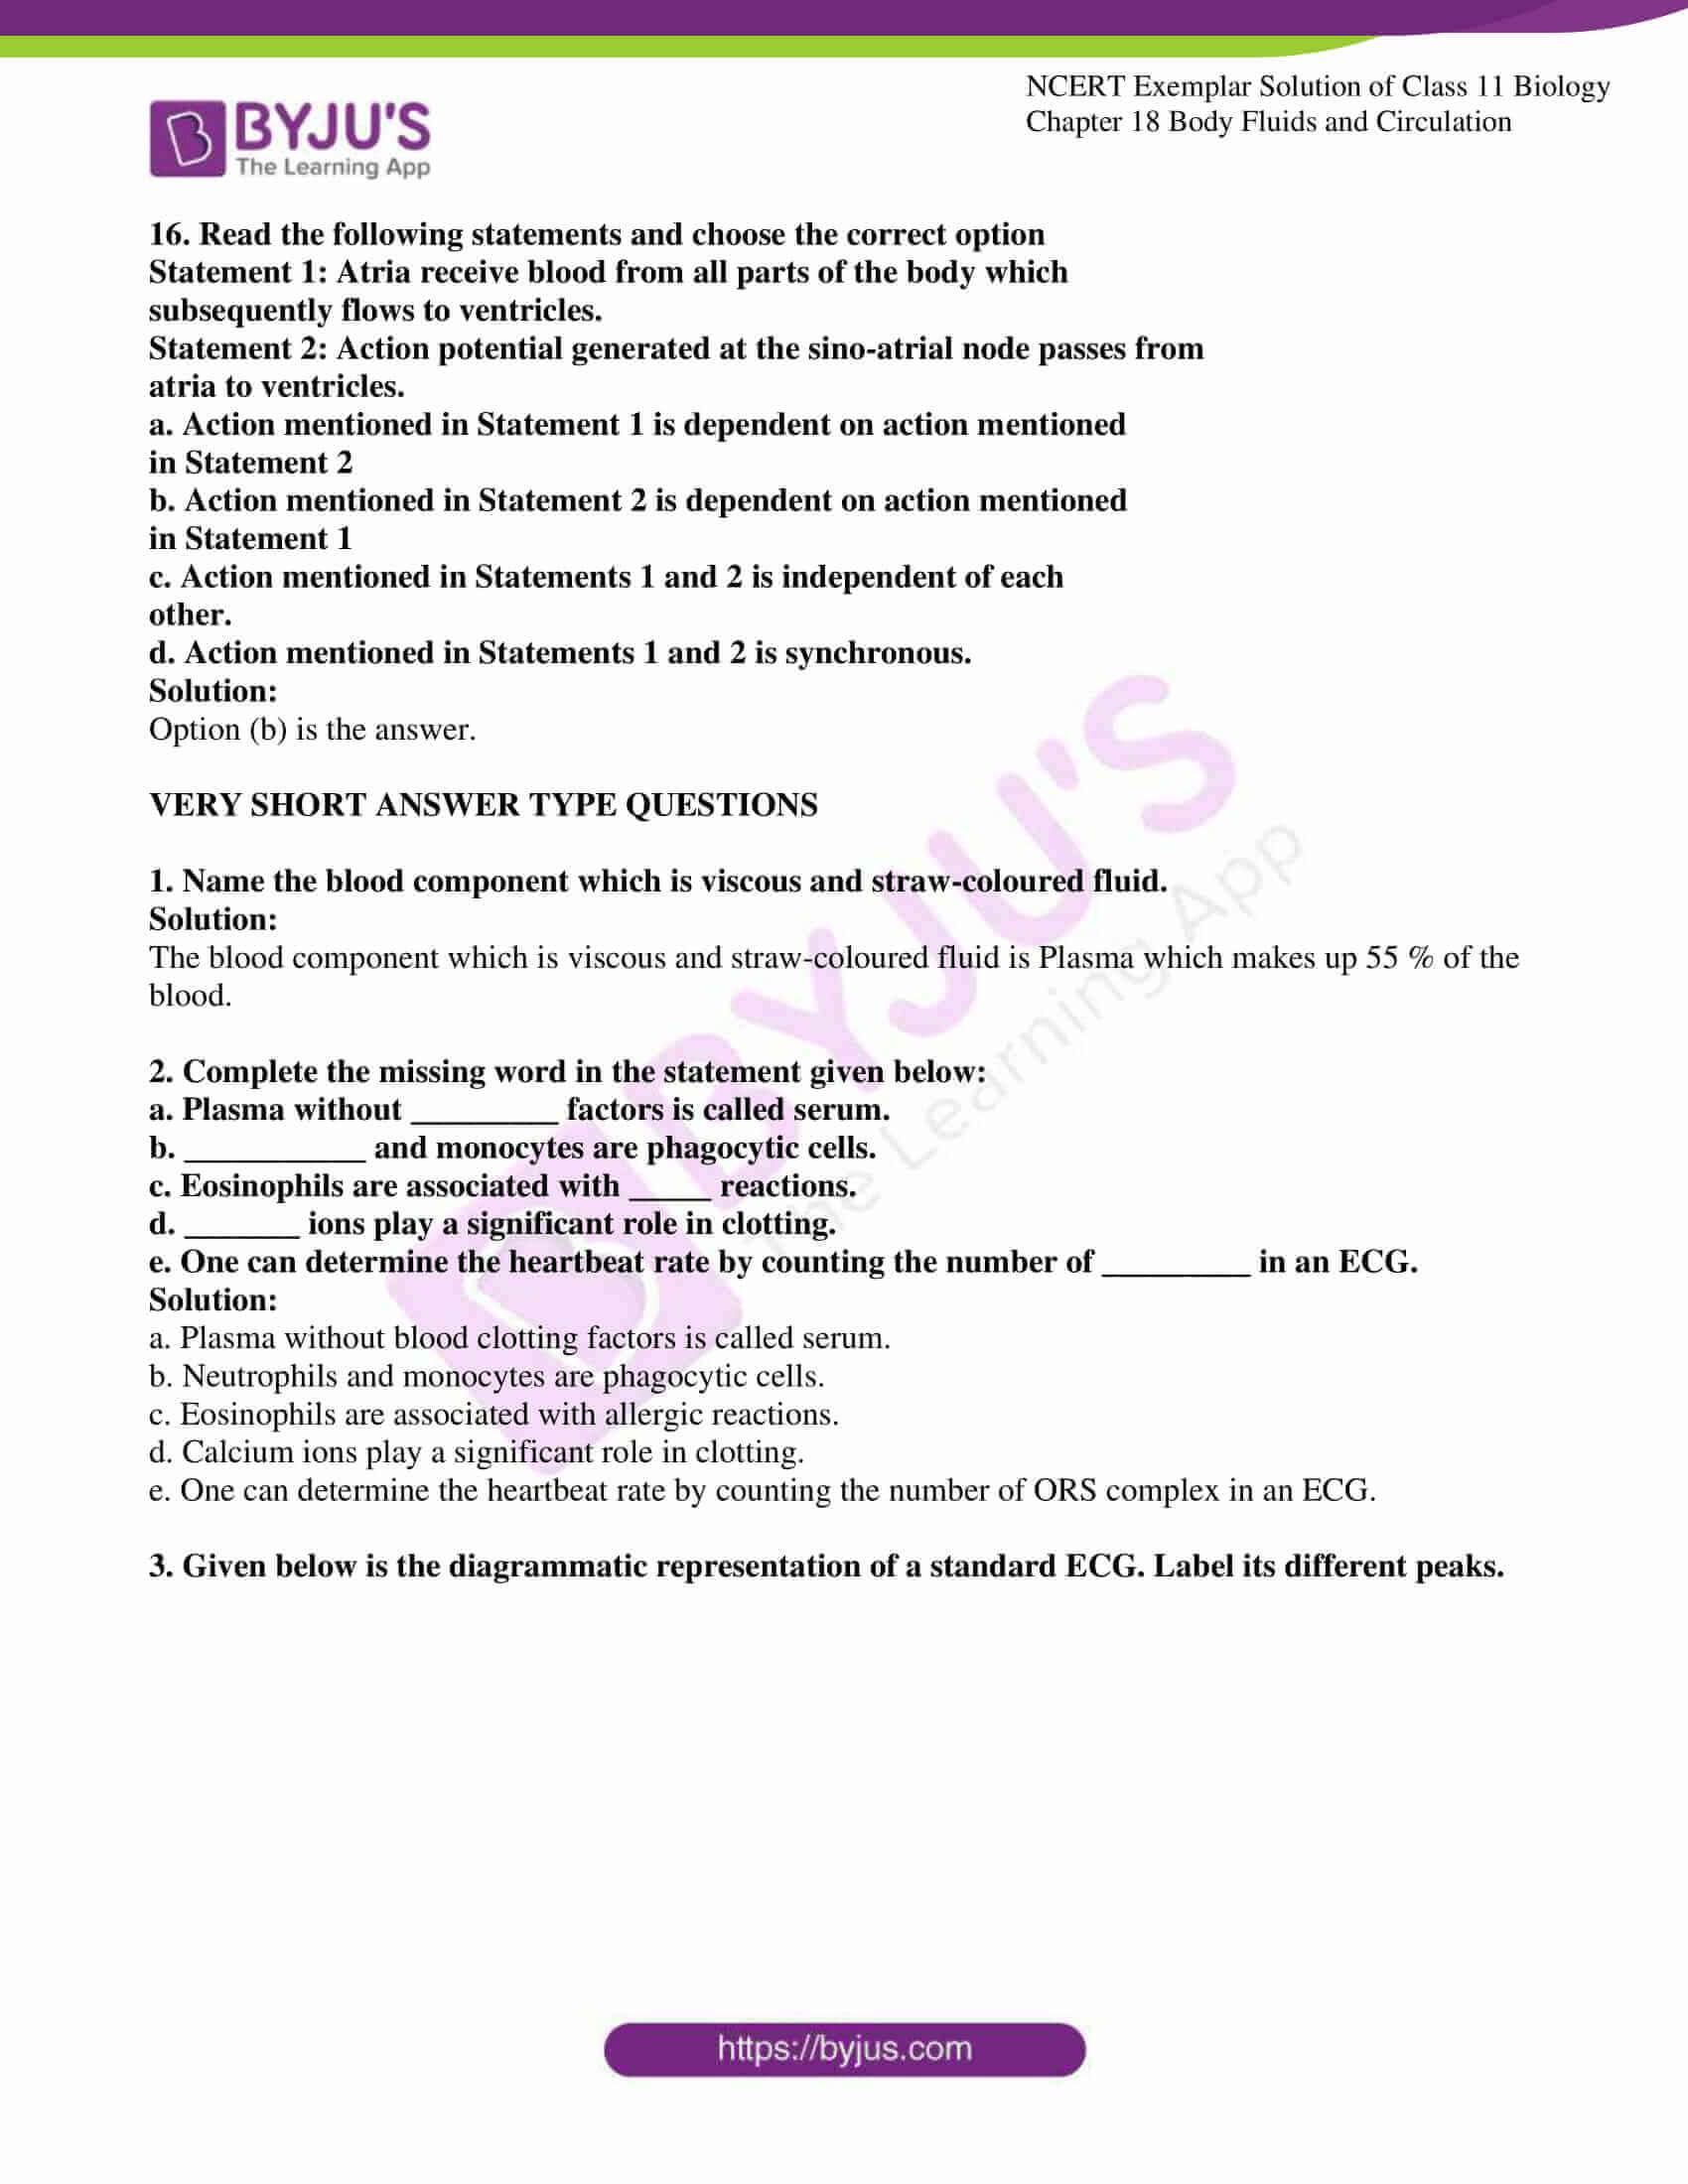 ncert exemplar solutions class 11 biology chapter 18 04